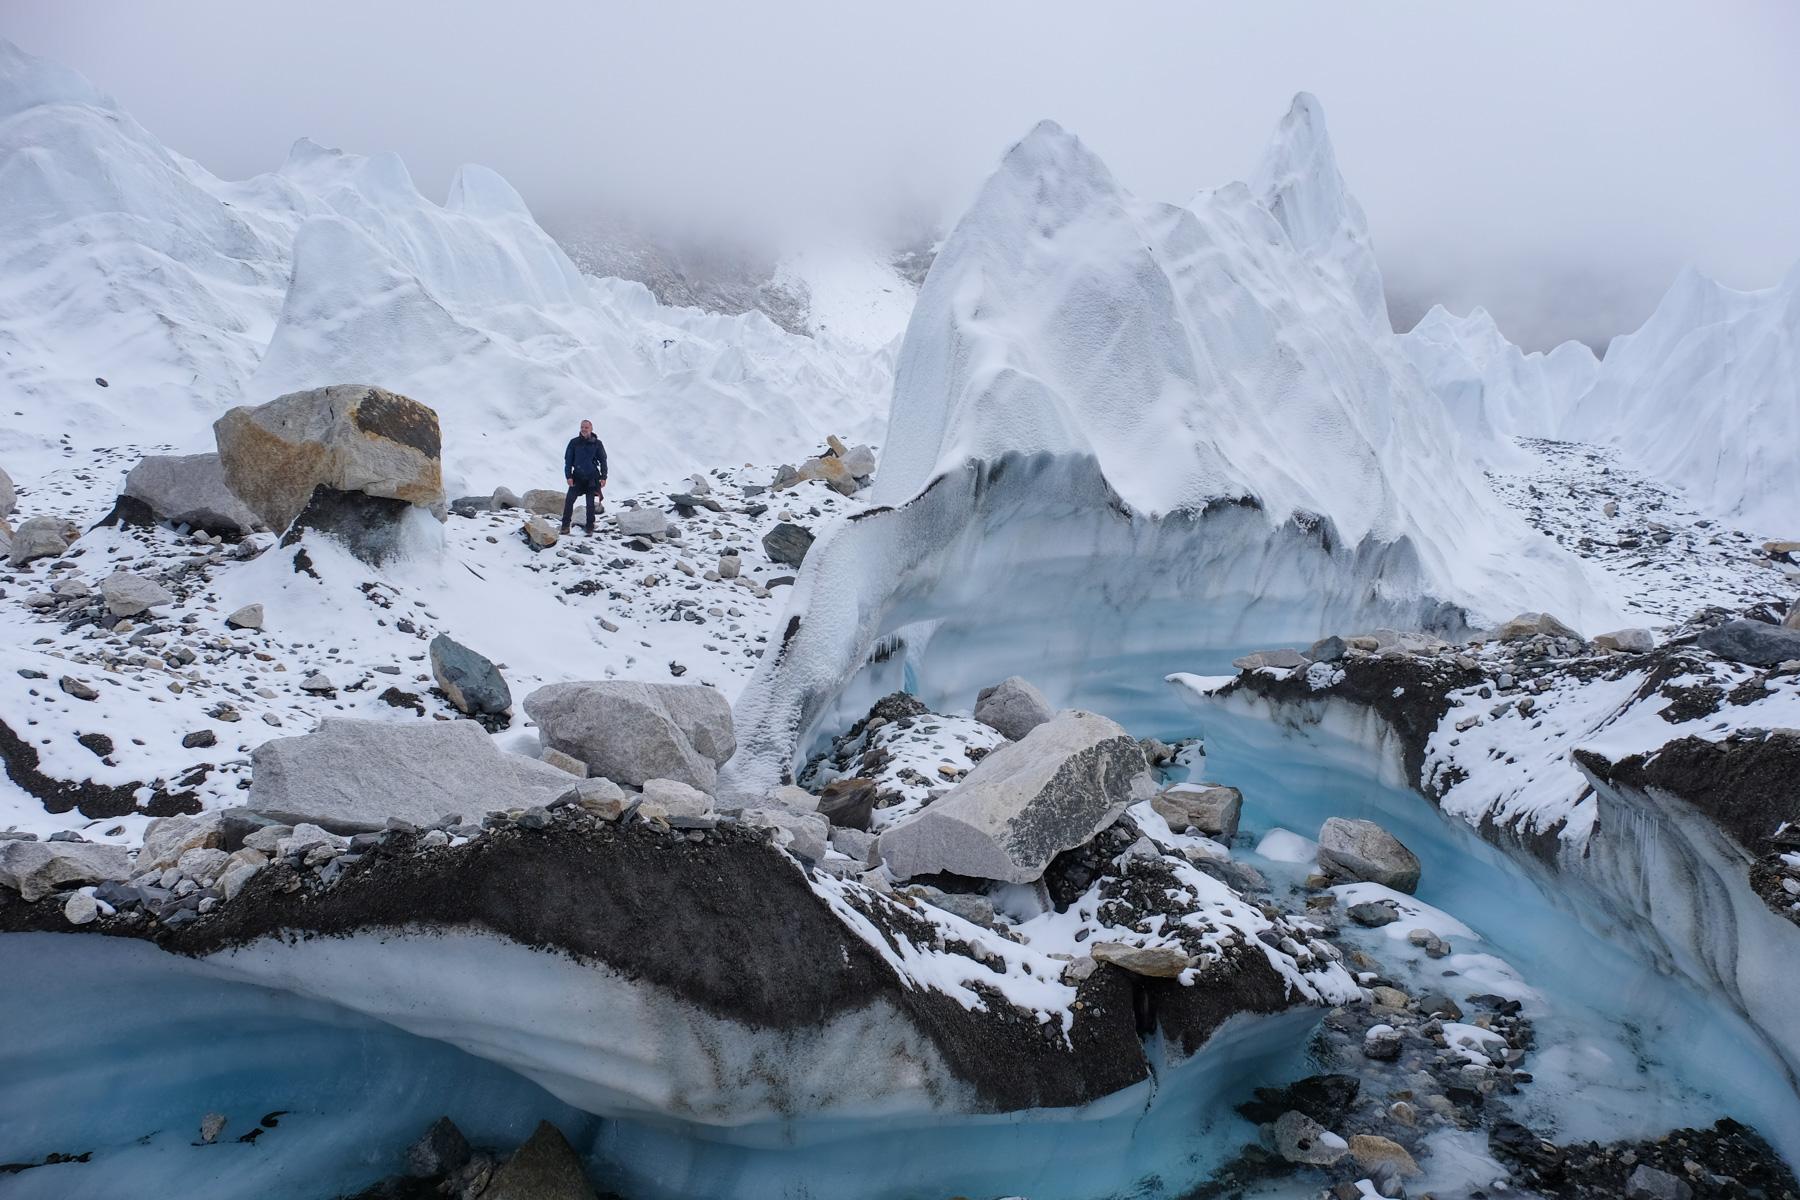 2019-09-19_15-06-18 (Everest 3 pass)